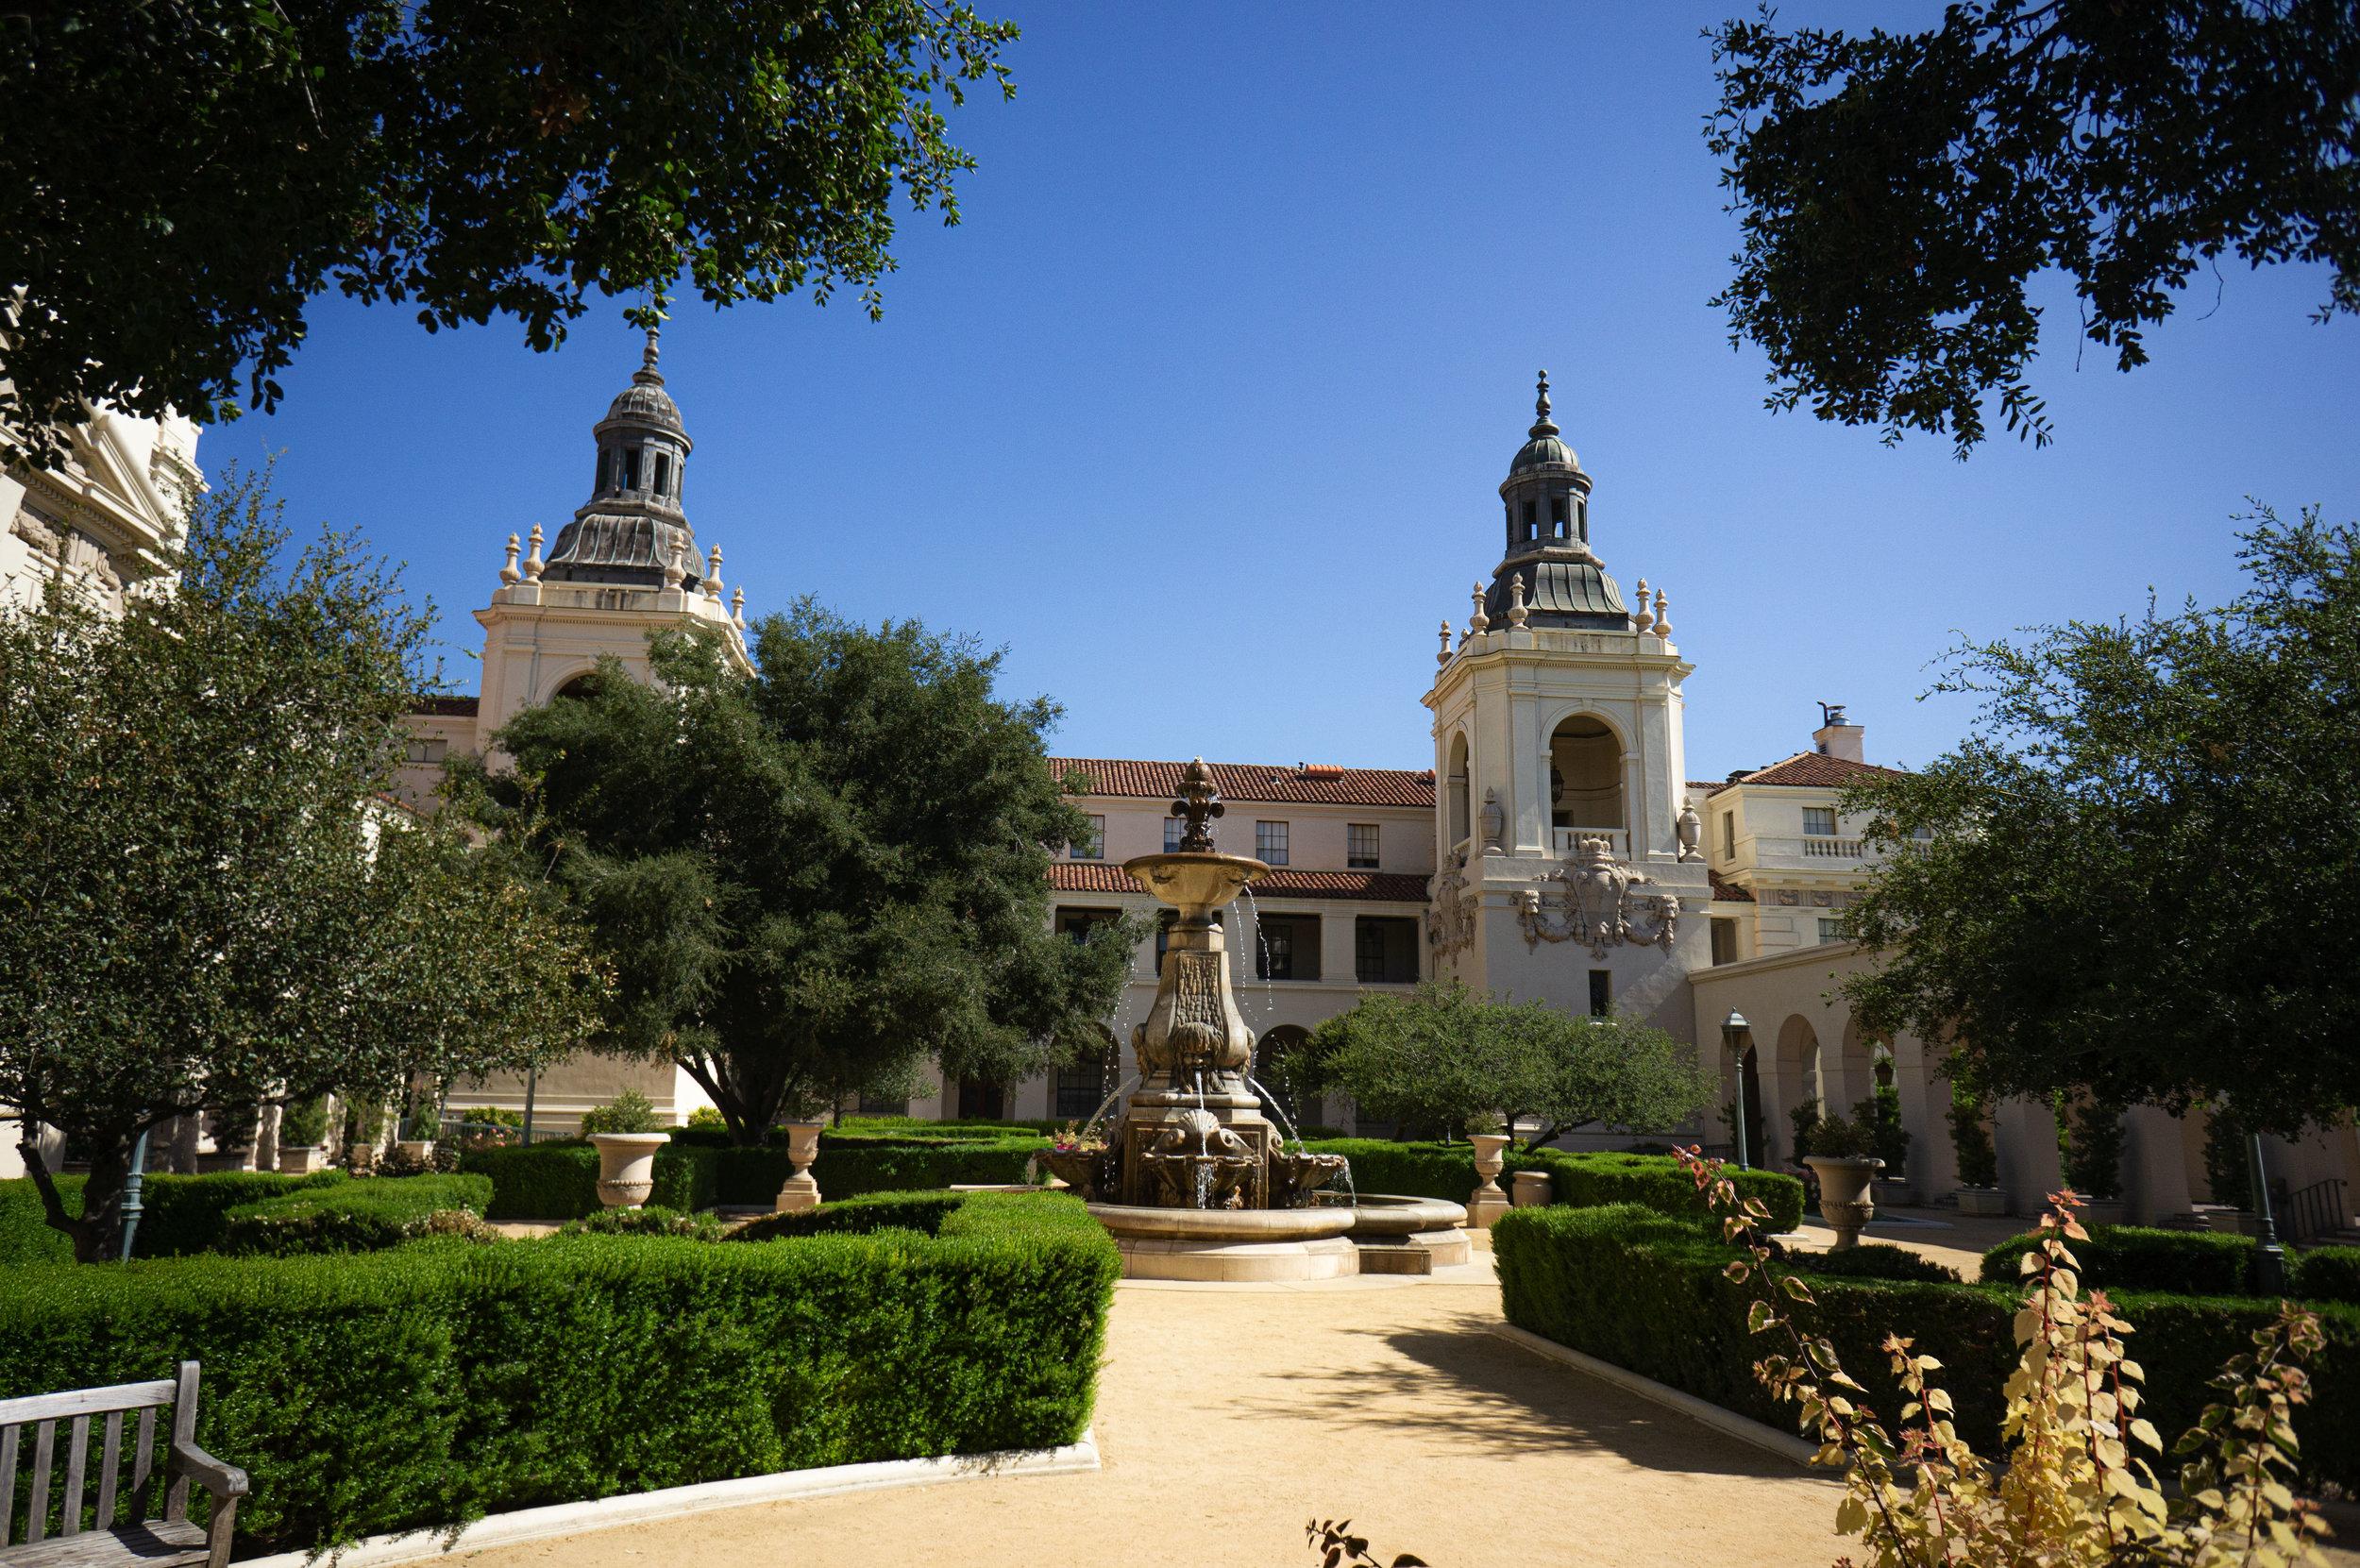 pasadena city hall stills - 3.jpg